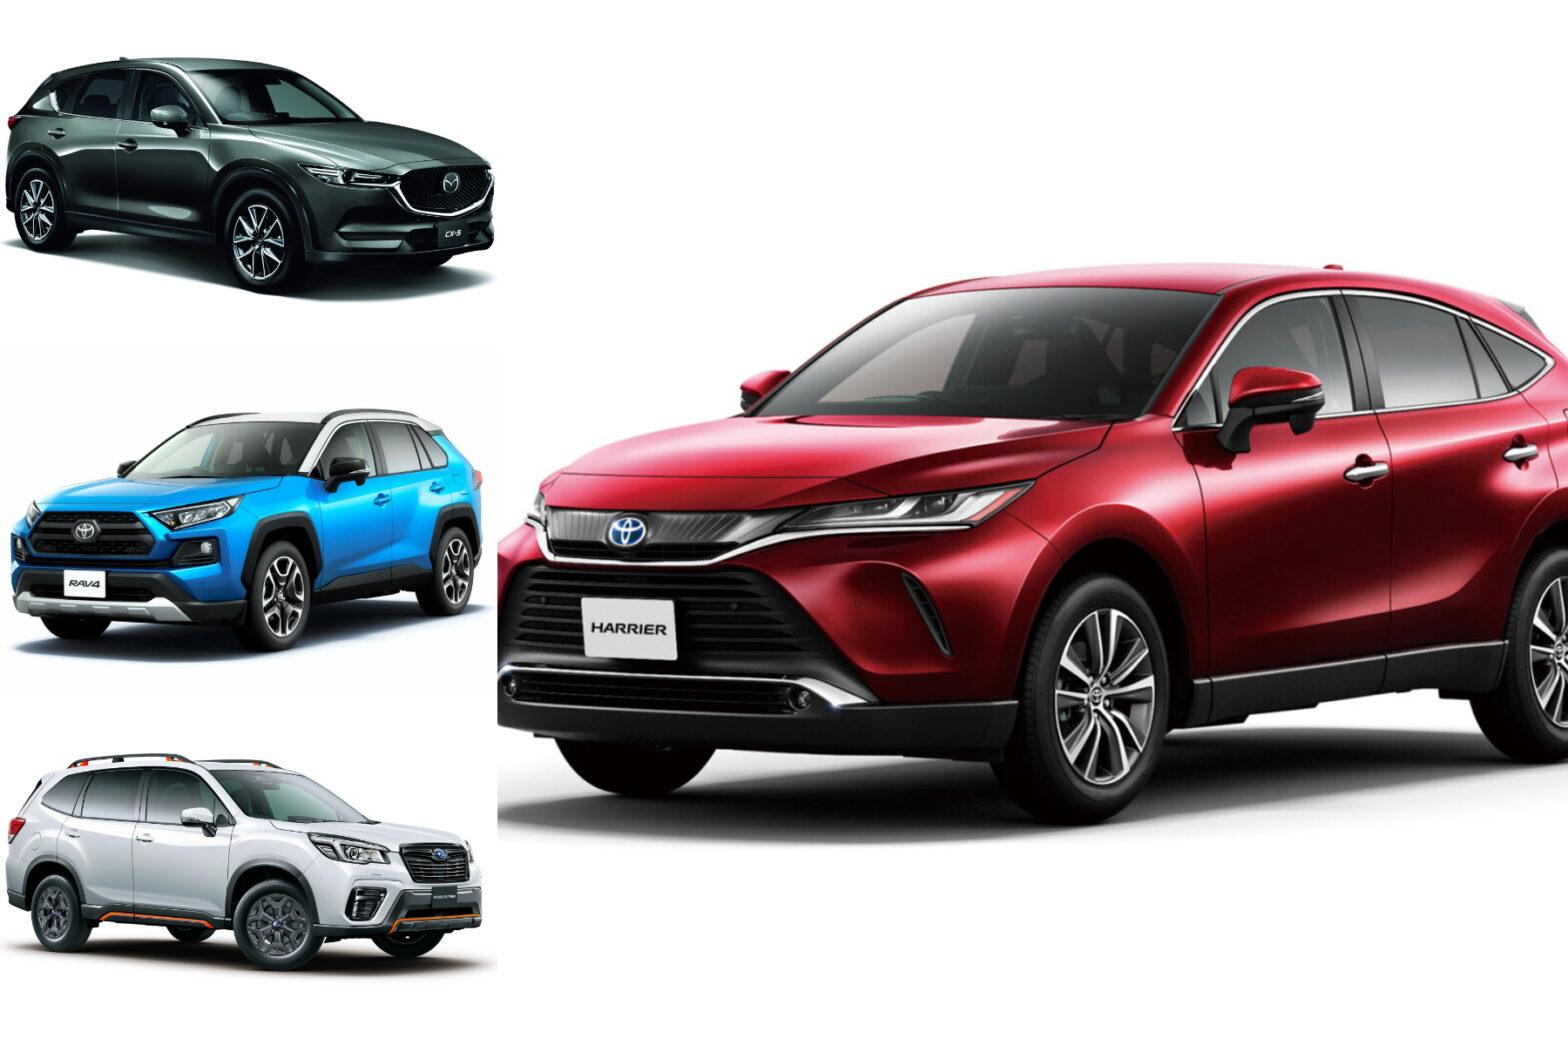 トヨタ新型ハリアーVSライバル車8車種【人気SUV徹底比較】